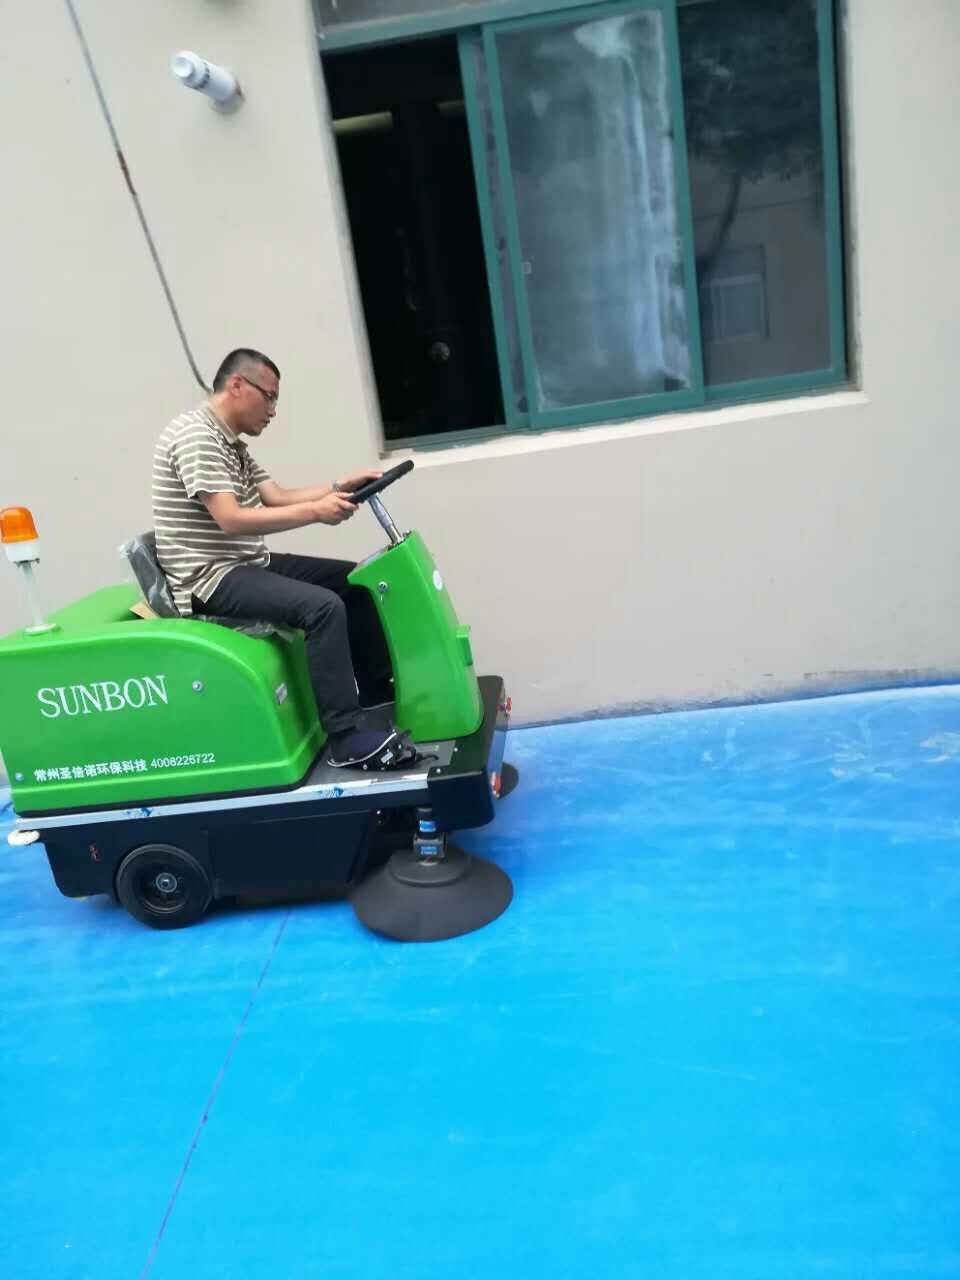 【圣倍诺】电动扫地车客户见证